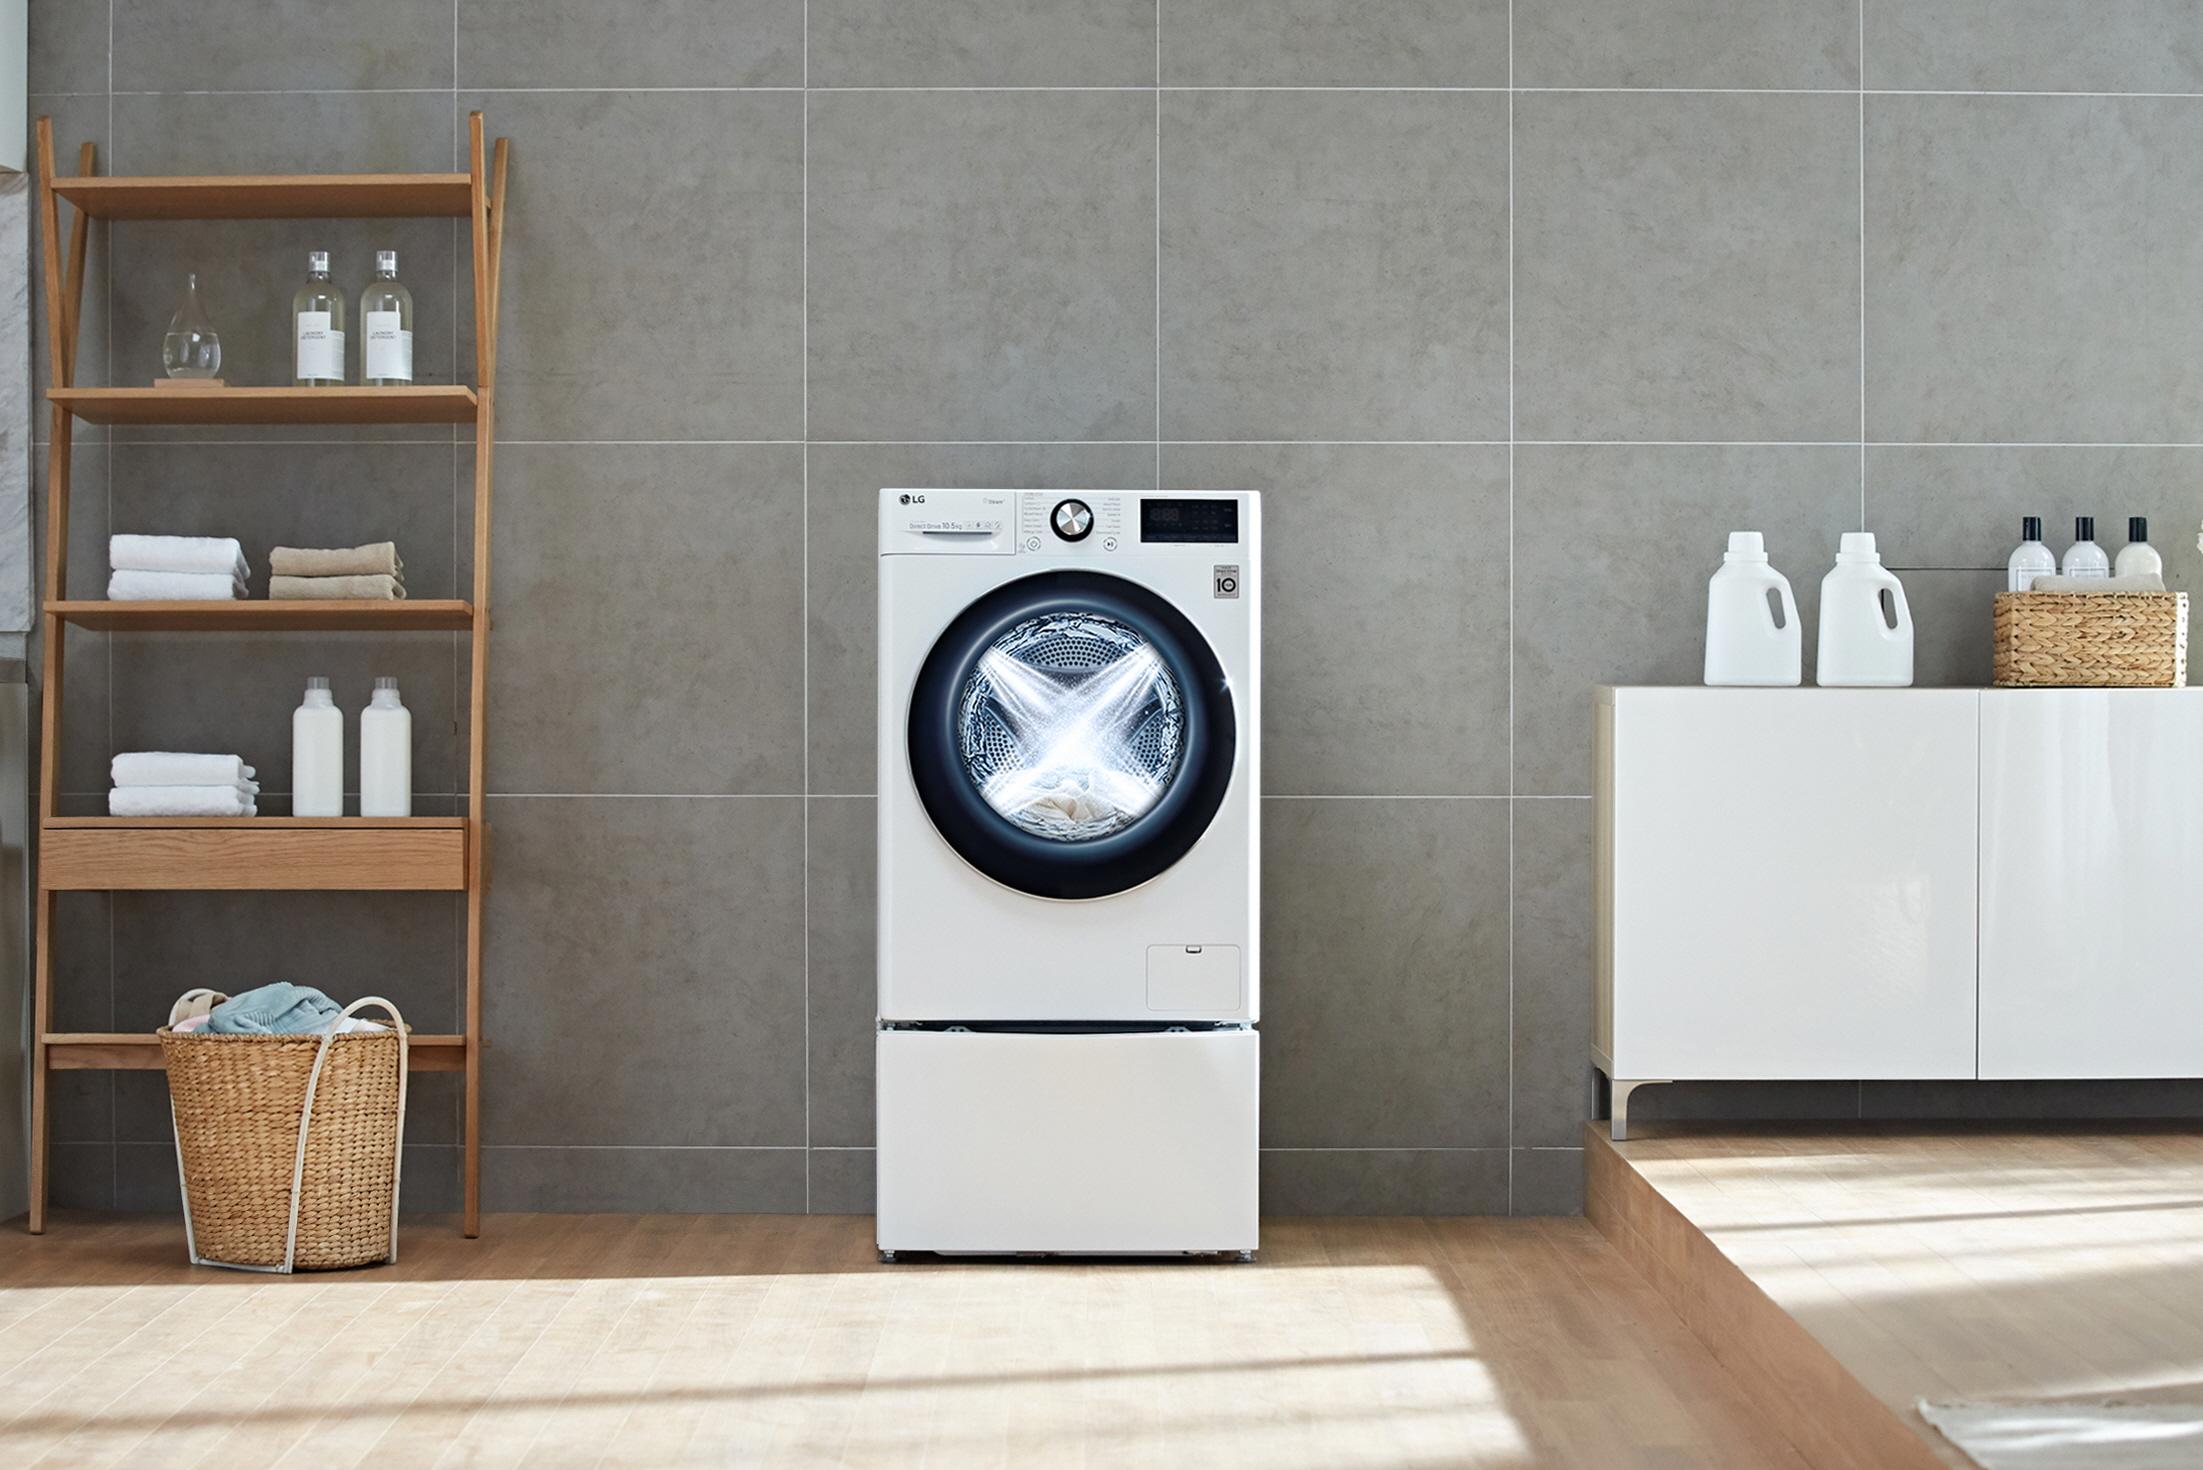 Visame regione pristatomos LG skalbimo mašinos su dirbtiniu intelektu ir tiesioginės pavaros varikliu